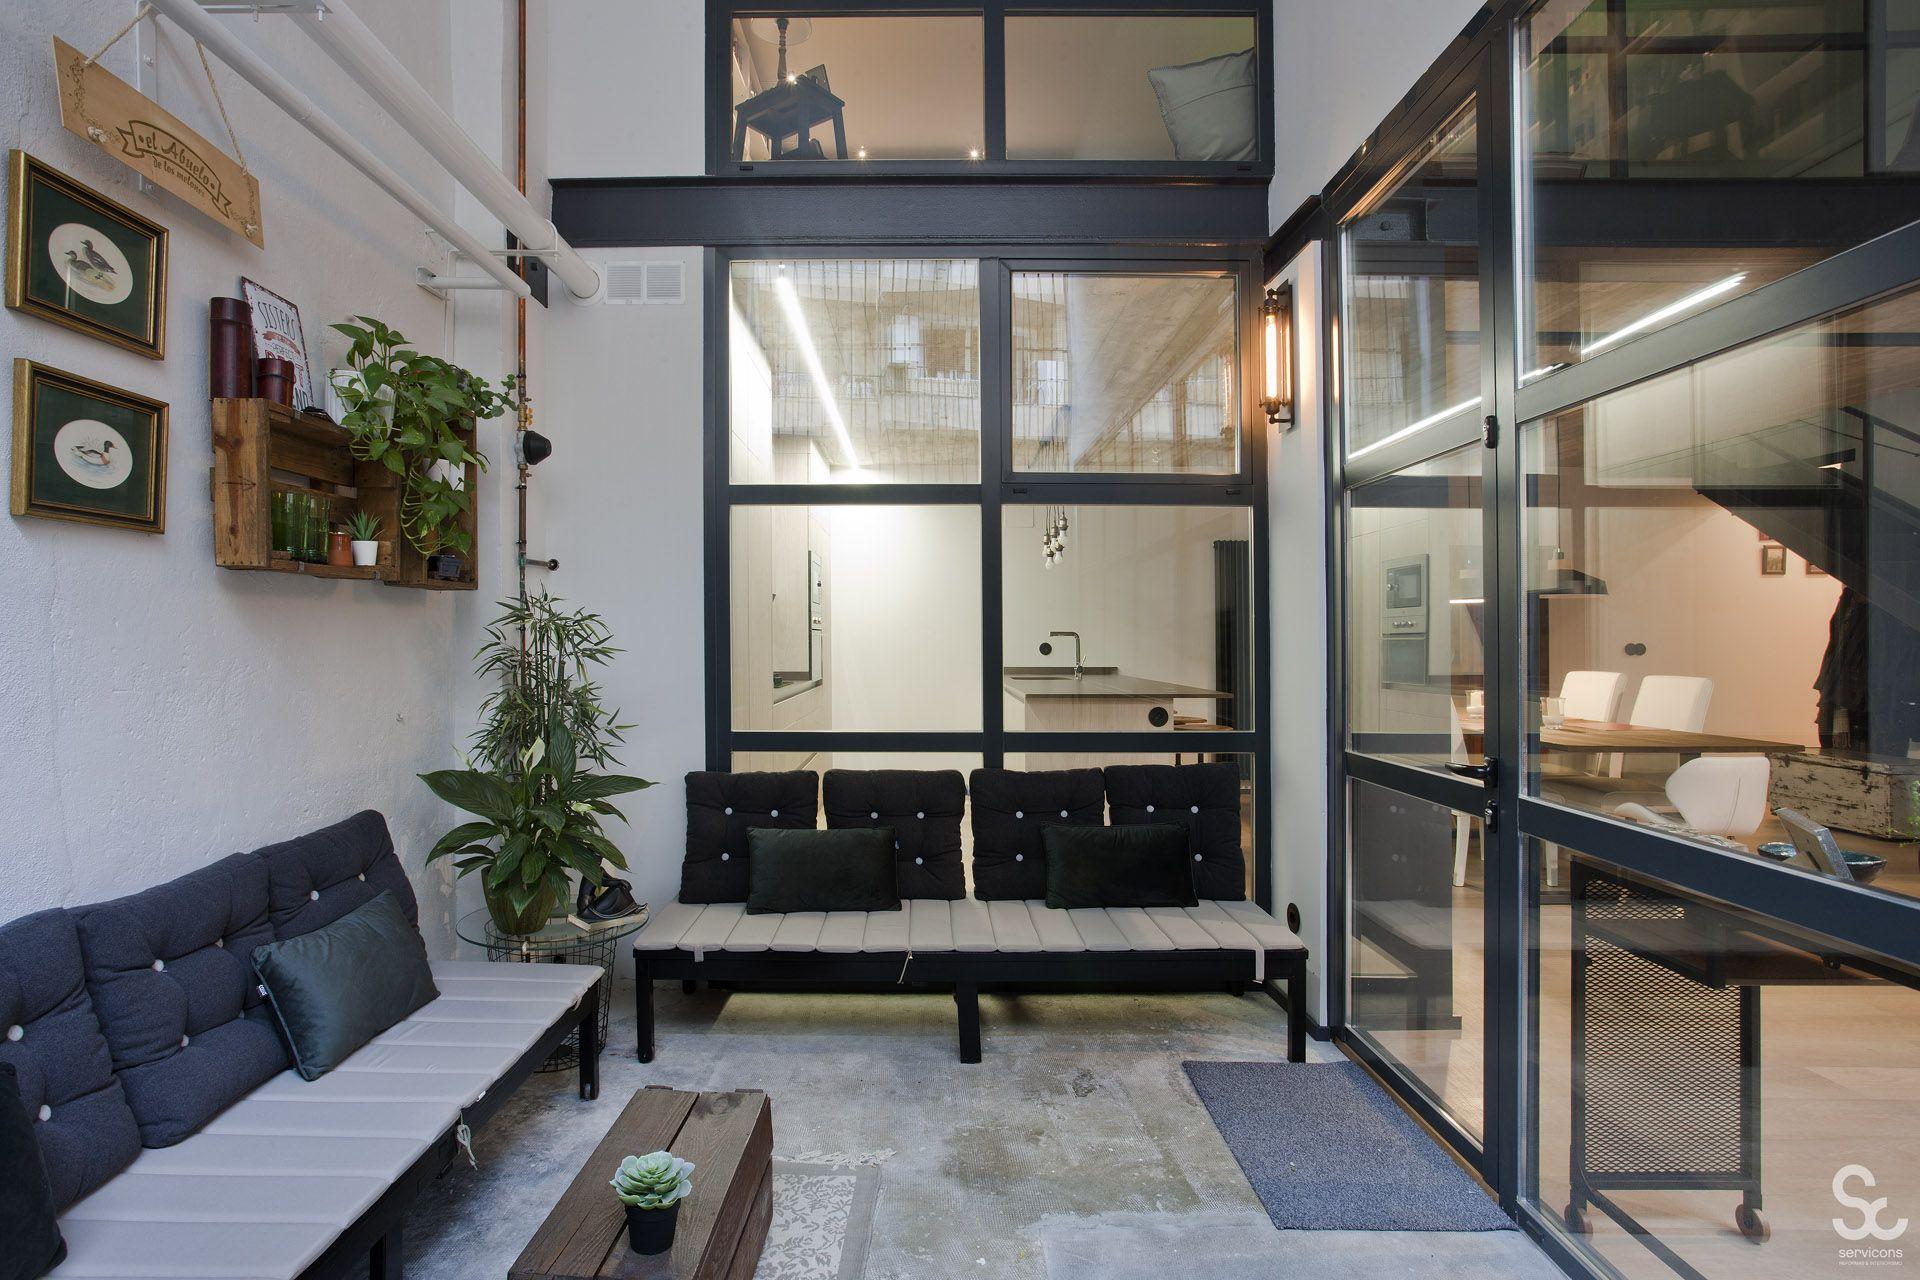 Terraza Patio Interior De Estilo Industrial Reformado Por